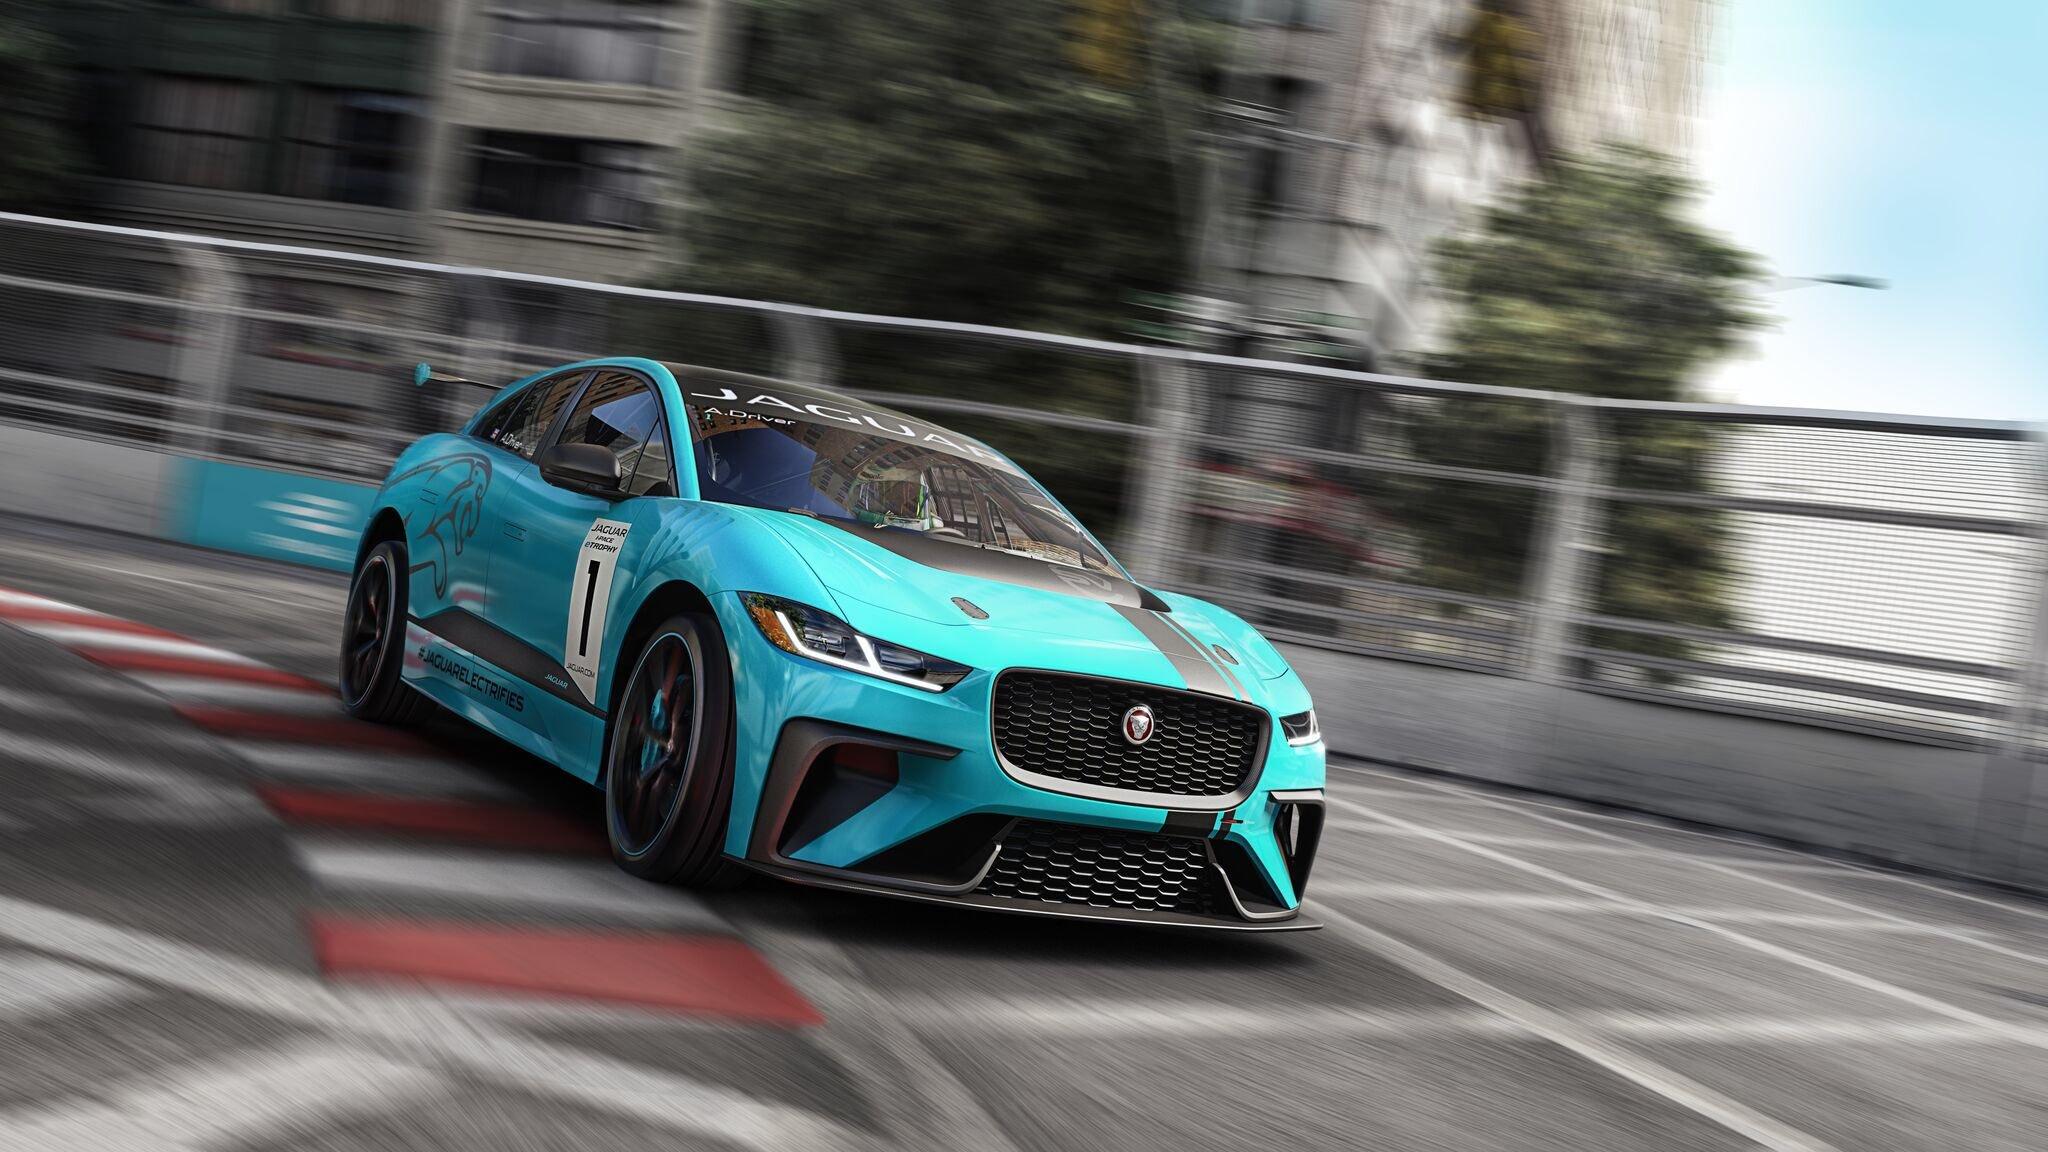 Jaguar Racing I-PACE eTROPHY (2)